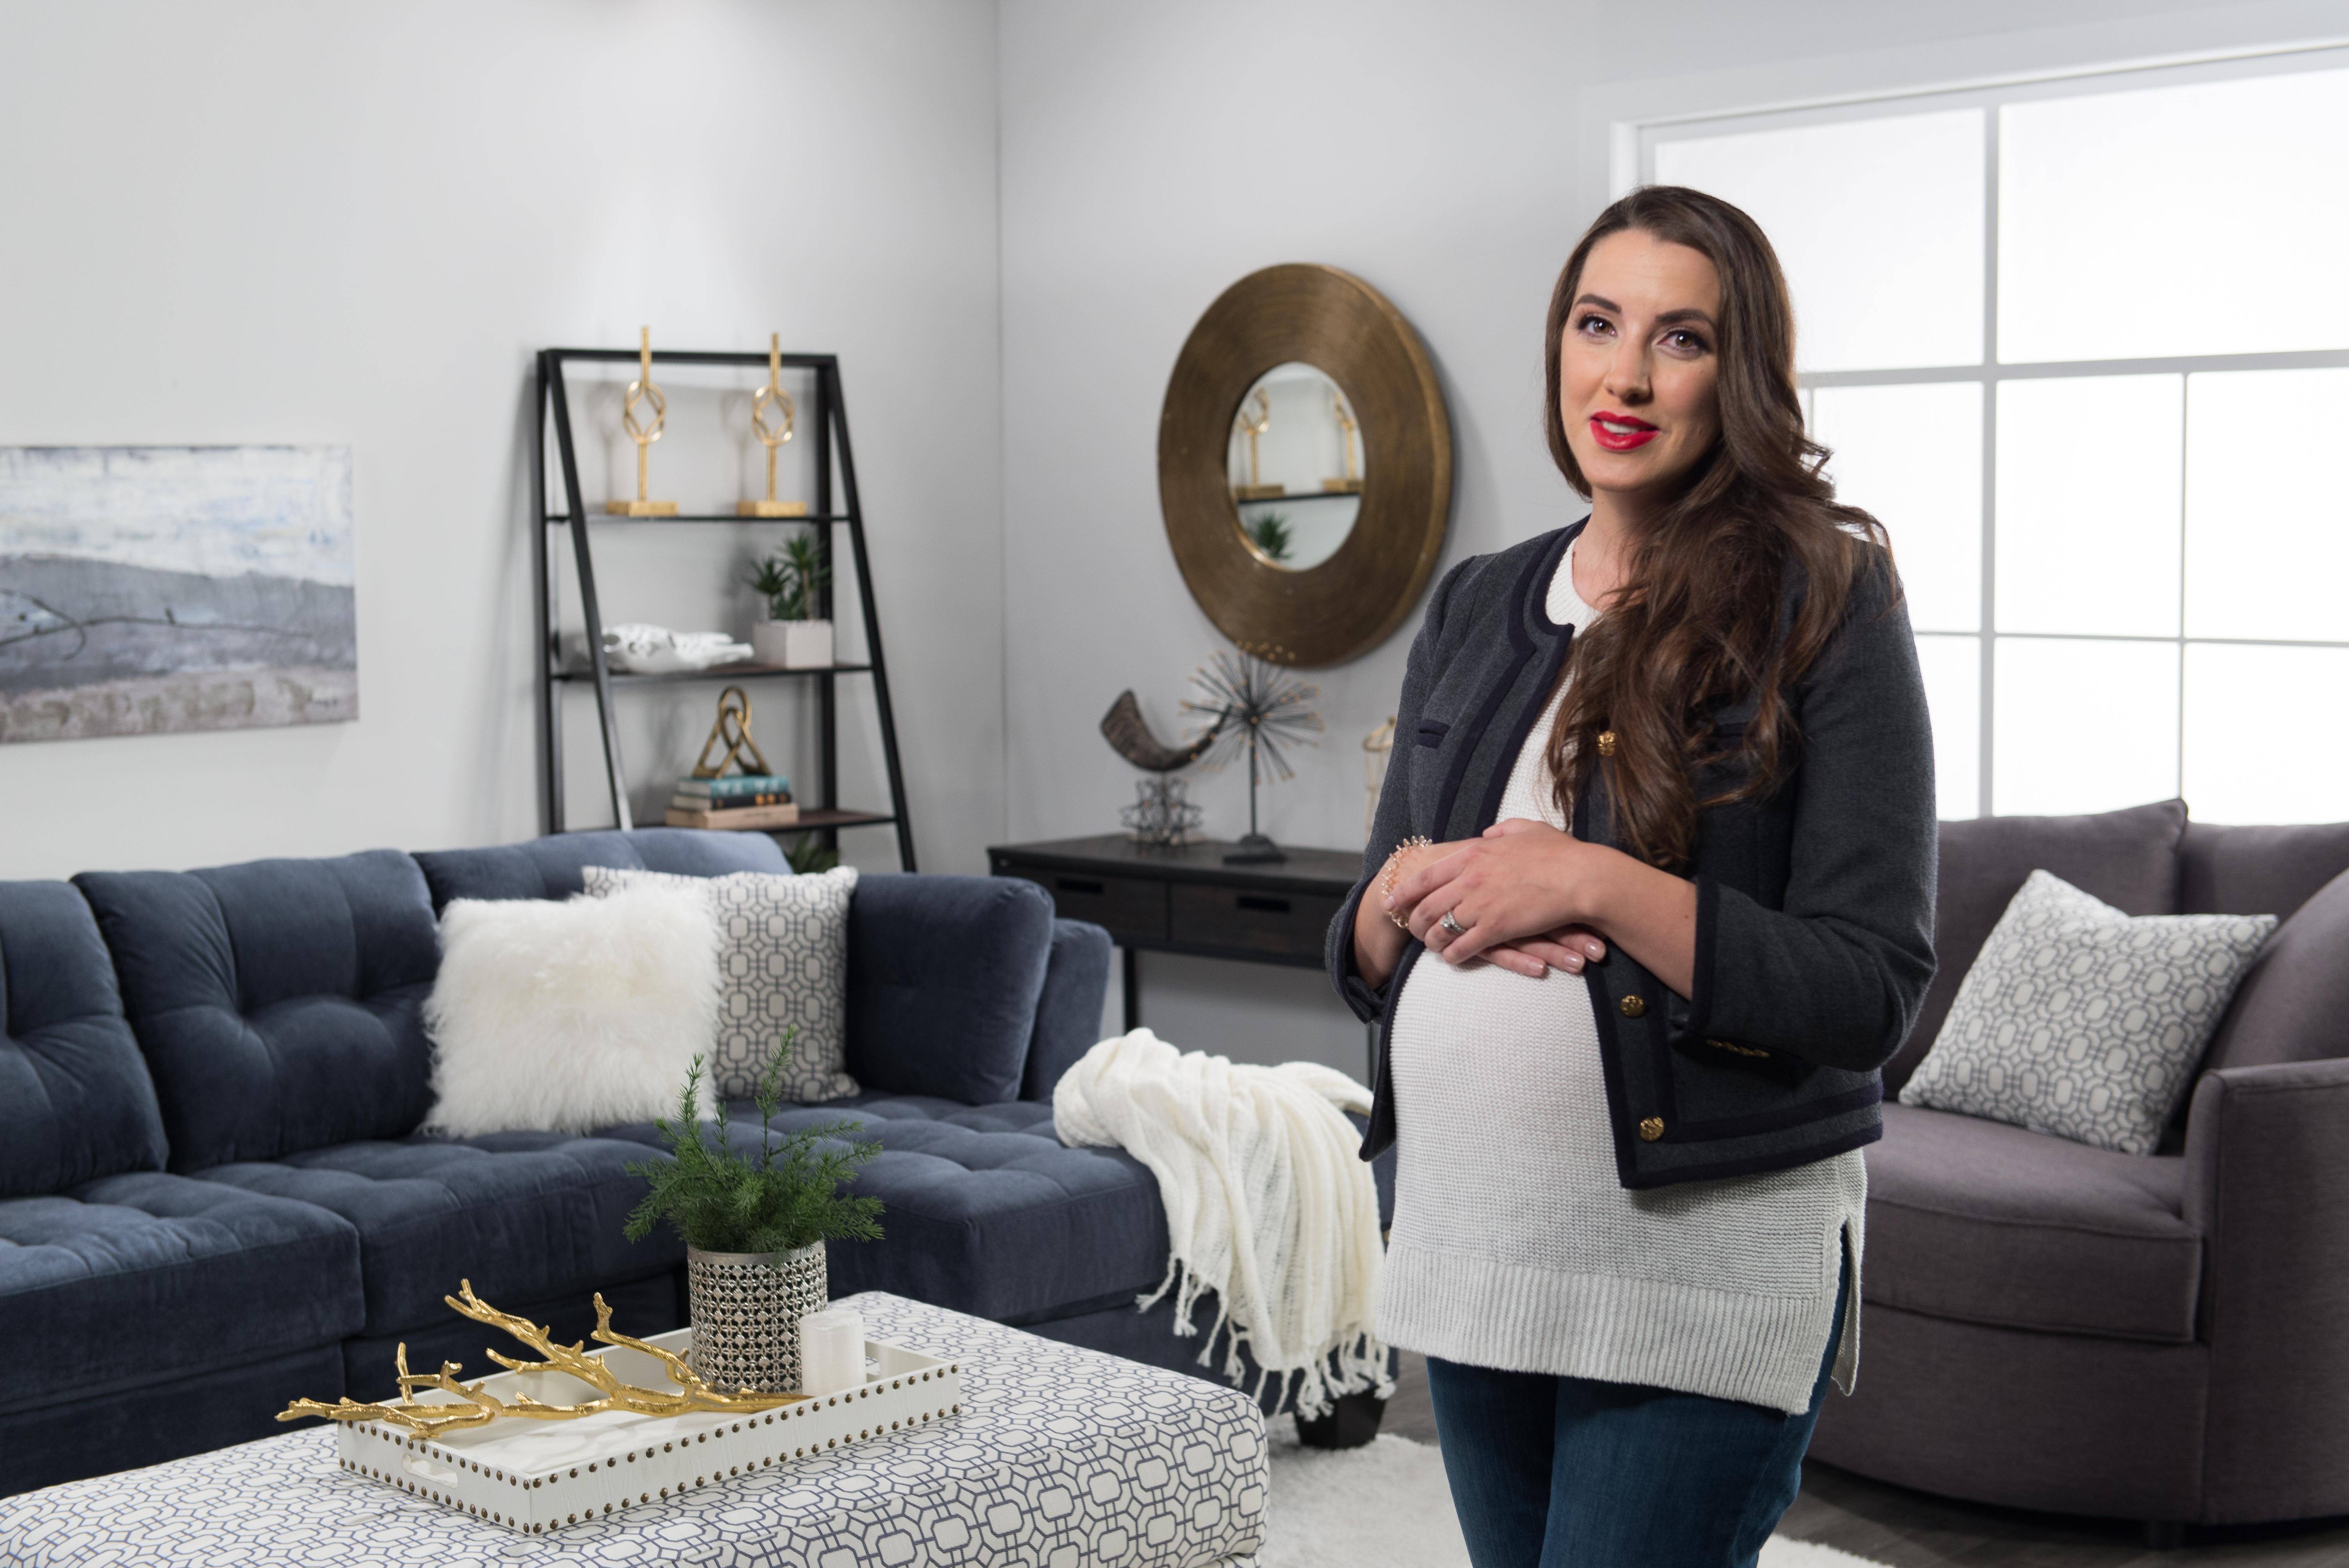 The Brick Living Room Furniture Lifestyle Home Decor How I Design A Room The Bricks